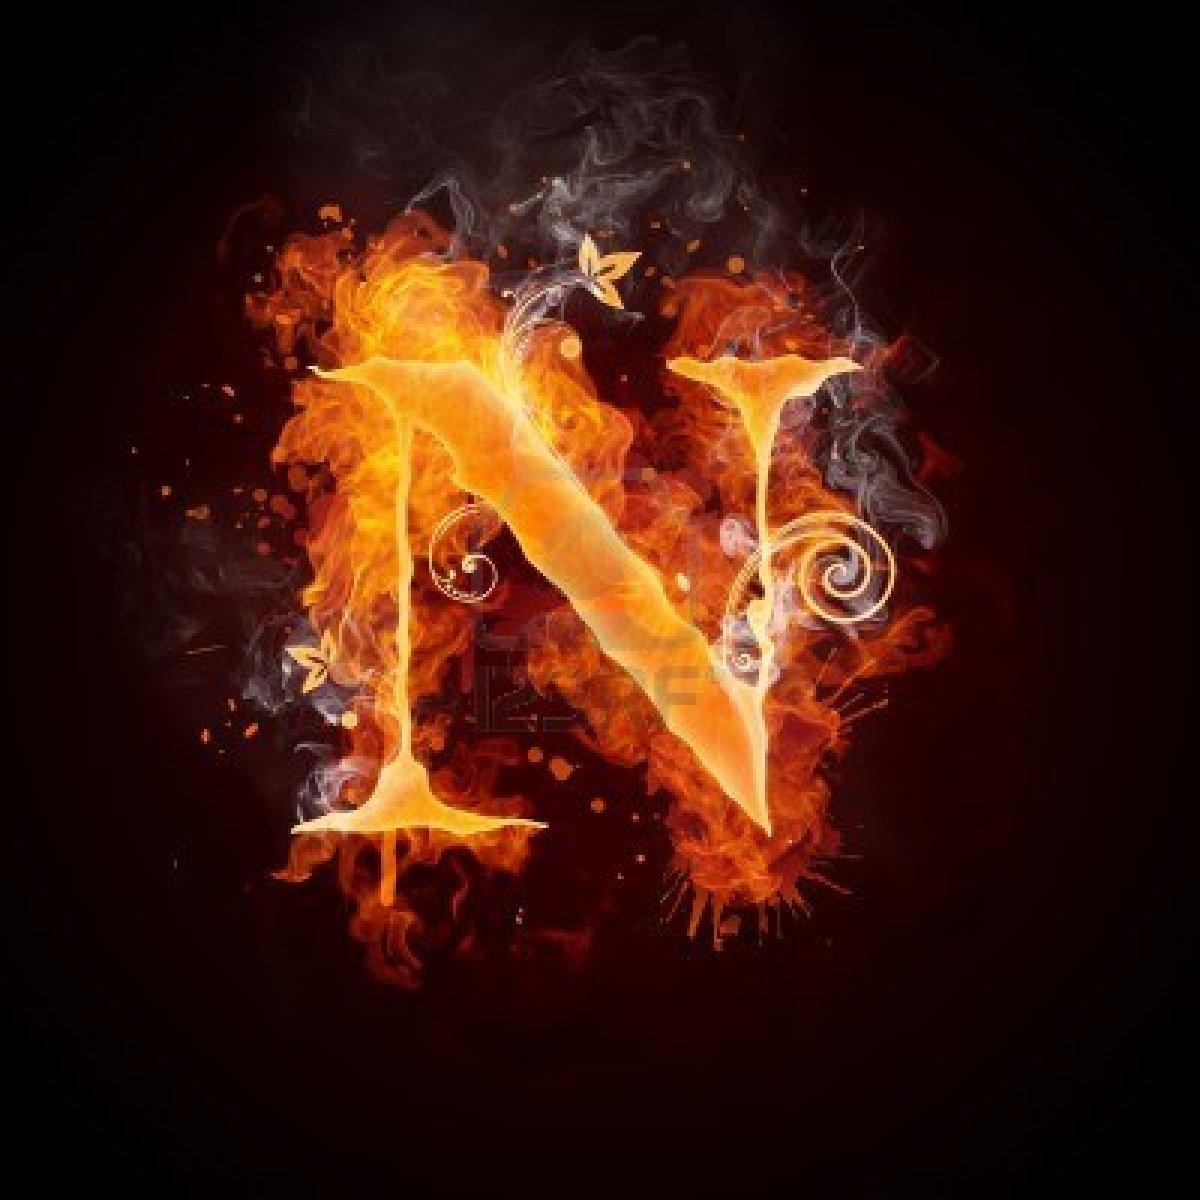 Ἡ ἐκφορὰ τοῦ γράμματος «Ν» μεταφέρει ὀξυγόνο στὸν ἐγκέφαλο